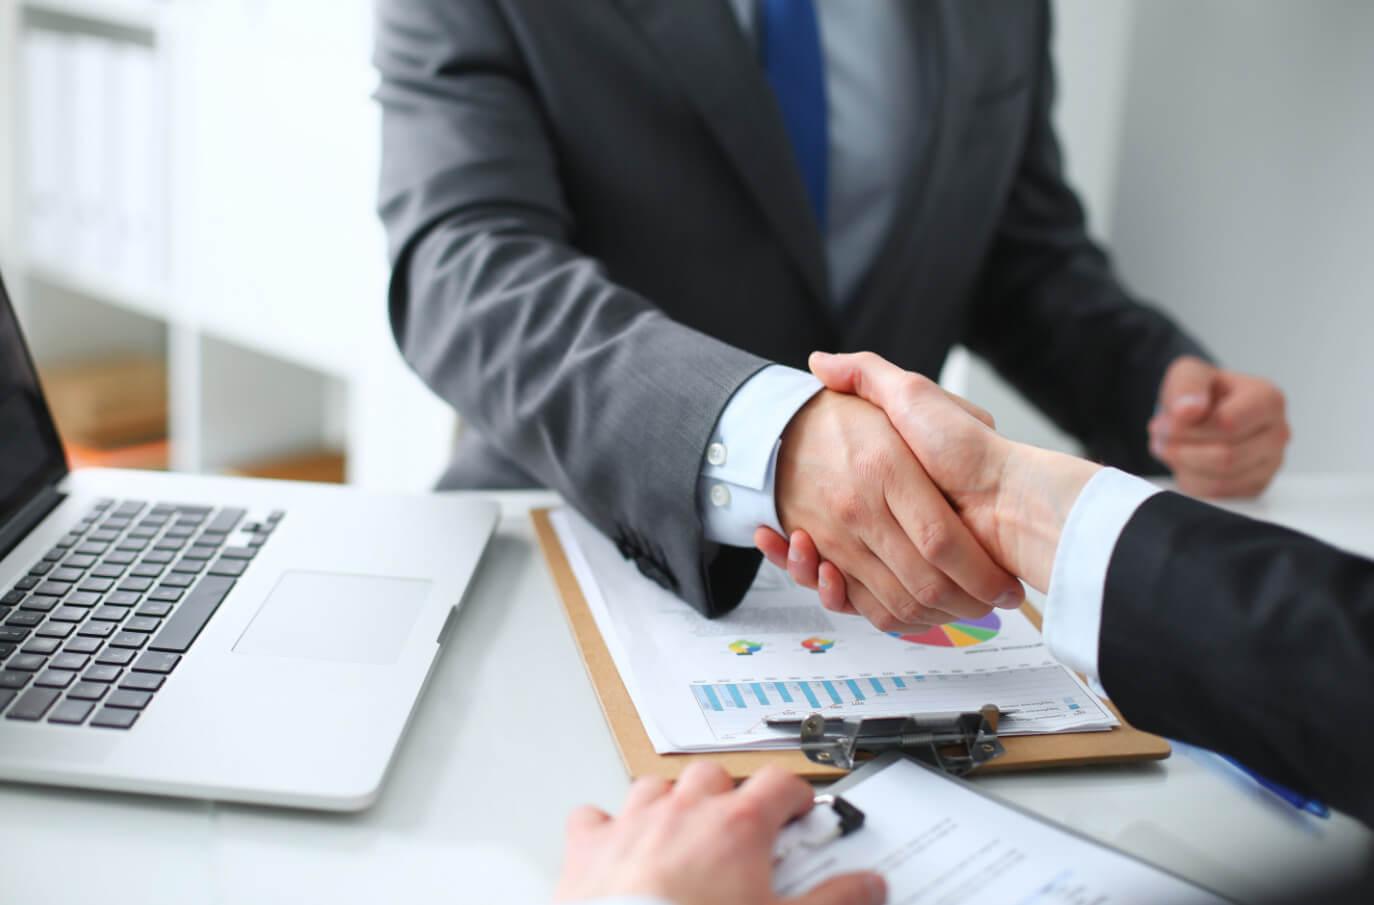 кредит доверие сбербанка для малого бизнеса